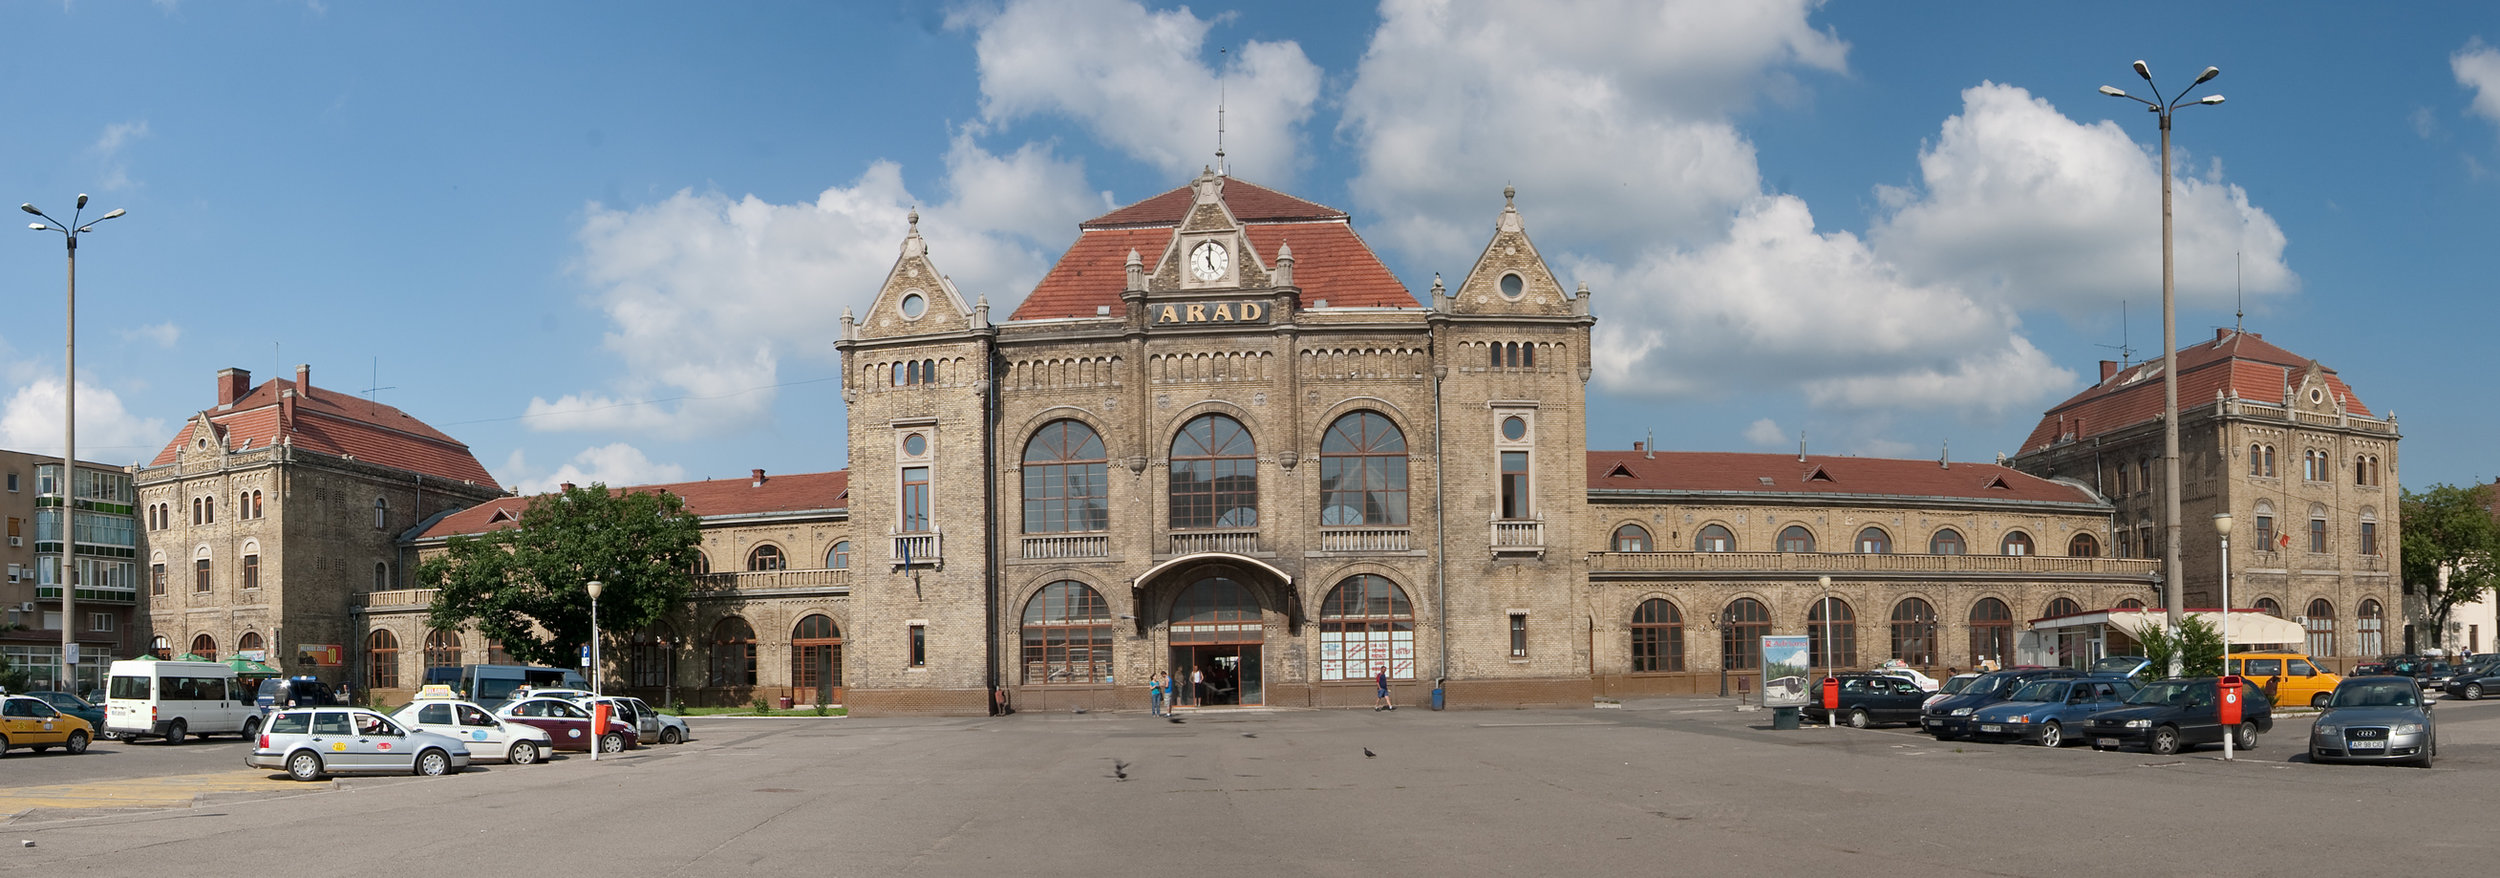 Arad_Bahnhof_3929-33.jpg